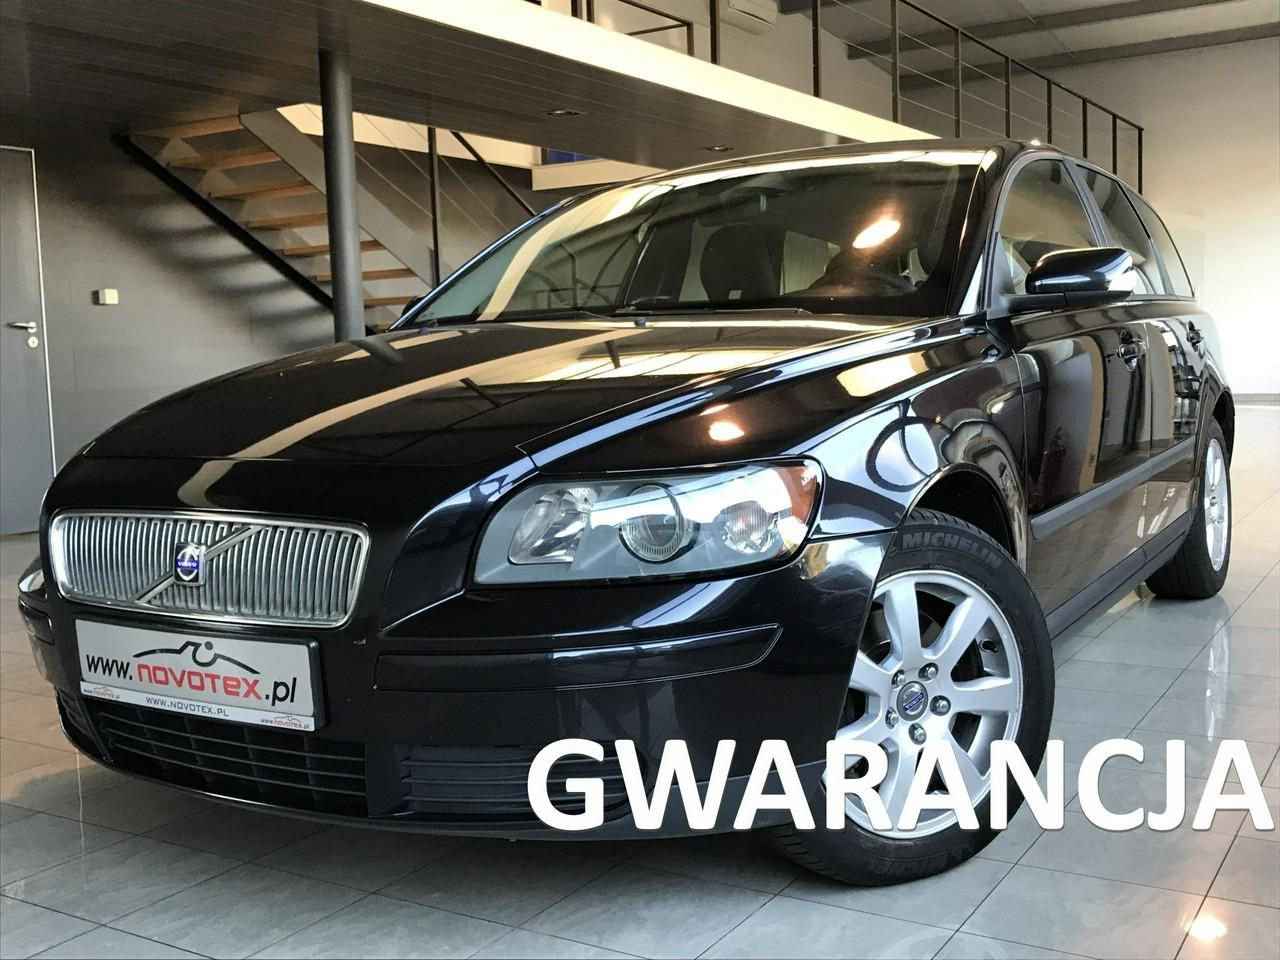 Volvo V50 2.0D*Kinetic*233Tkm*fabrycznie bez DPF*serwis w ASO*gwarancja VIP